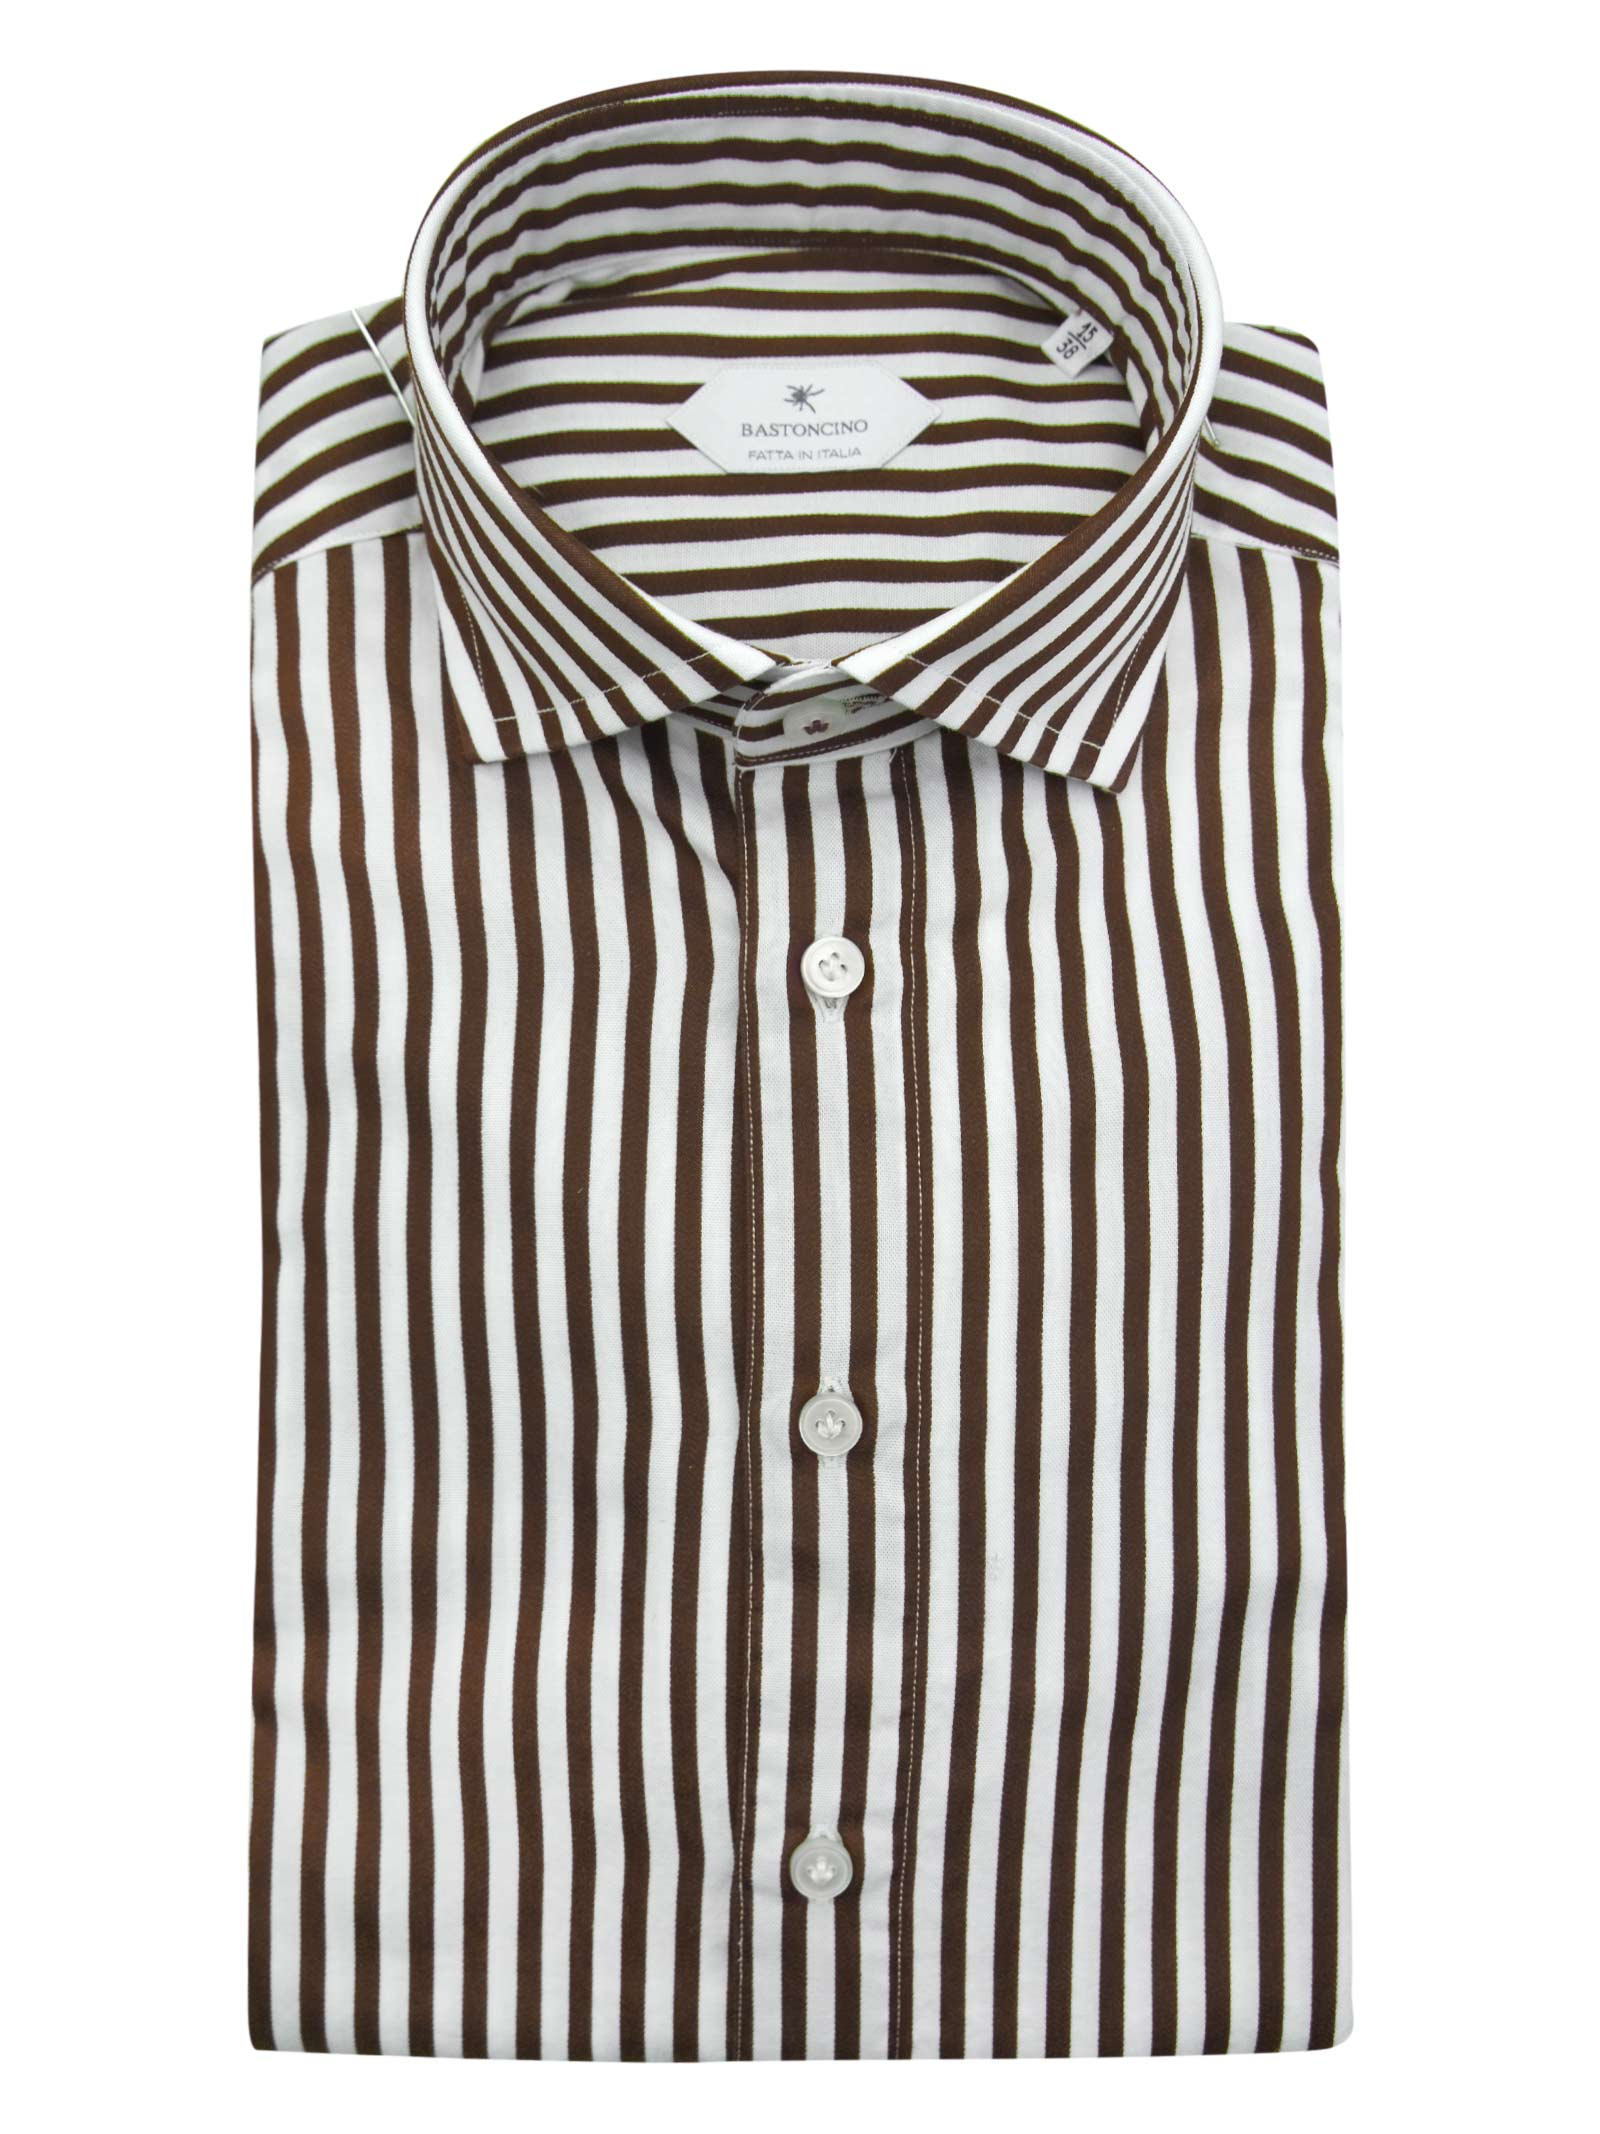 Printed shirt , semi slim fit , soft collar washed and softened BASTONCINO | Shirts | SIMOB1996 02